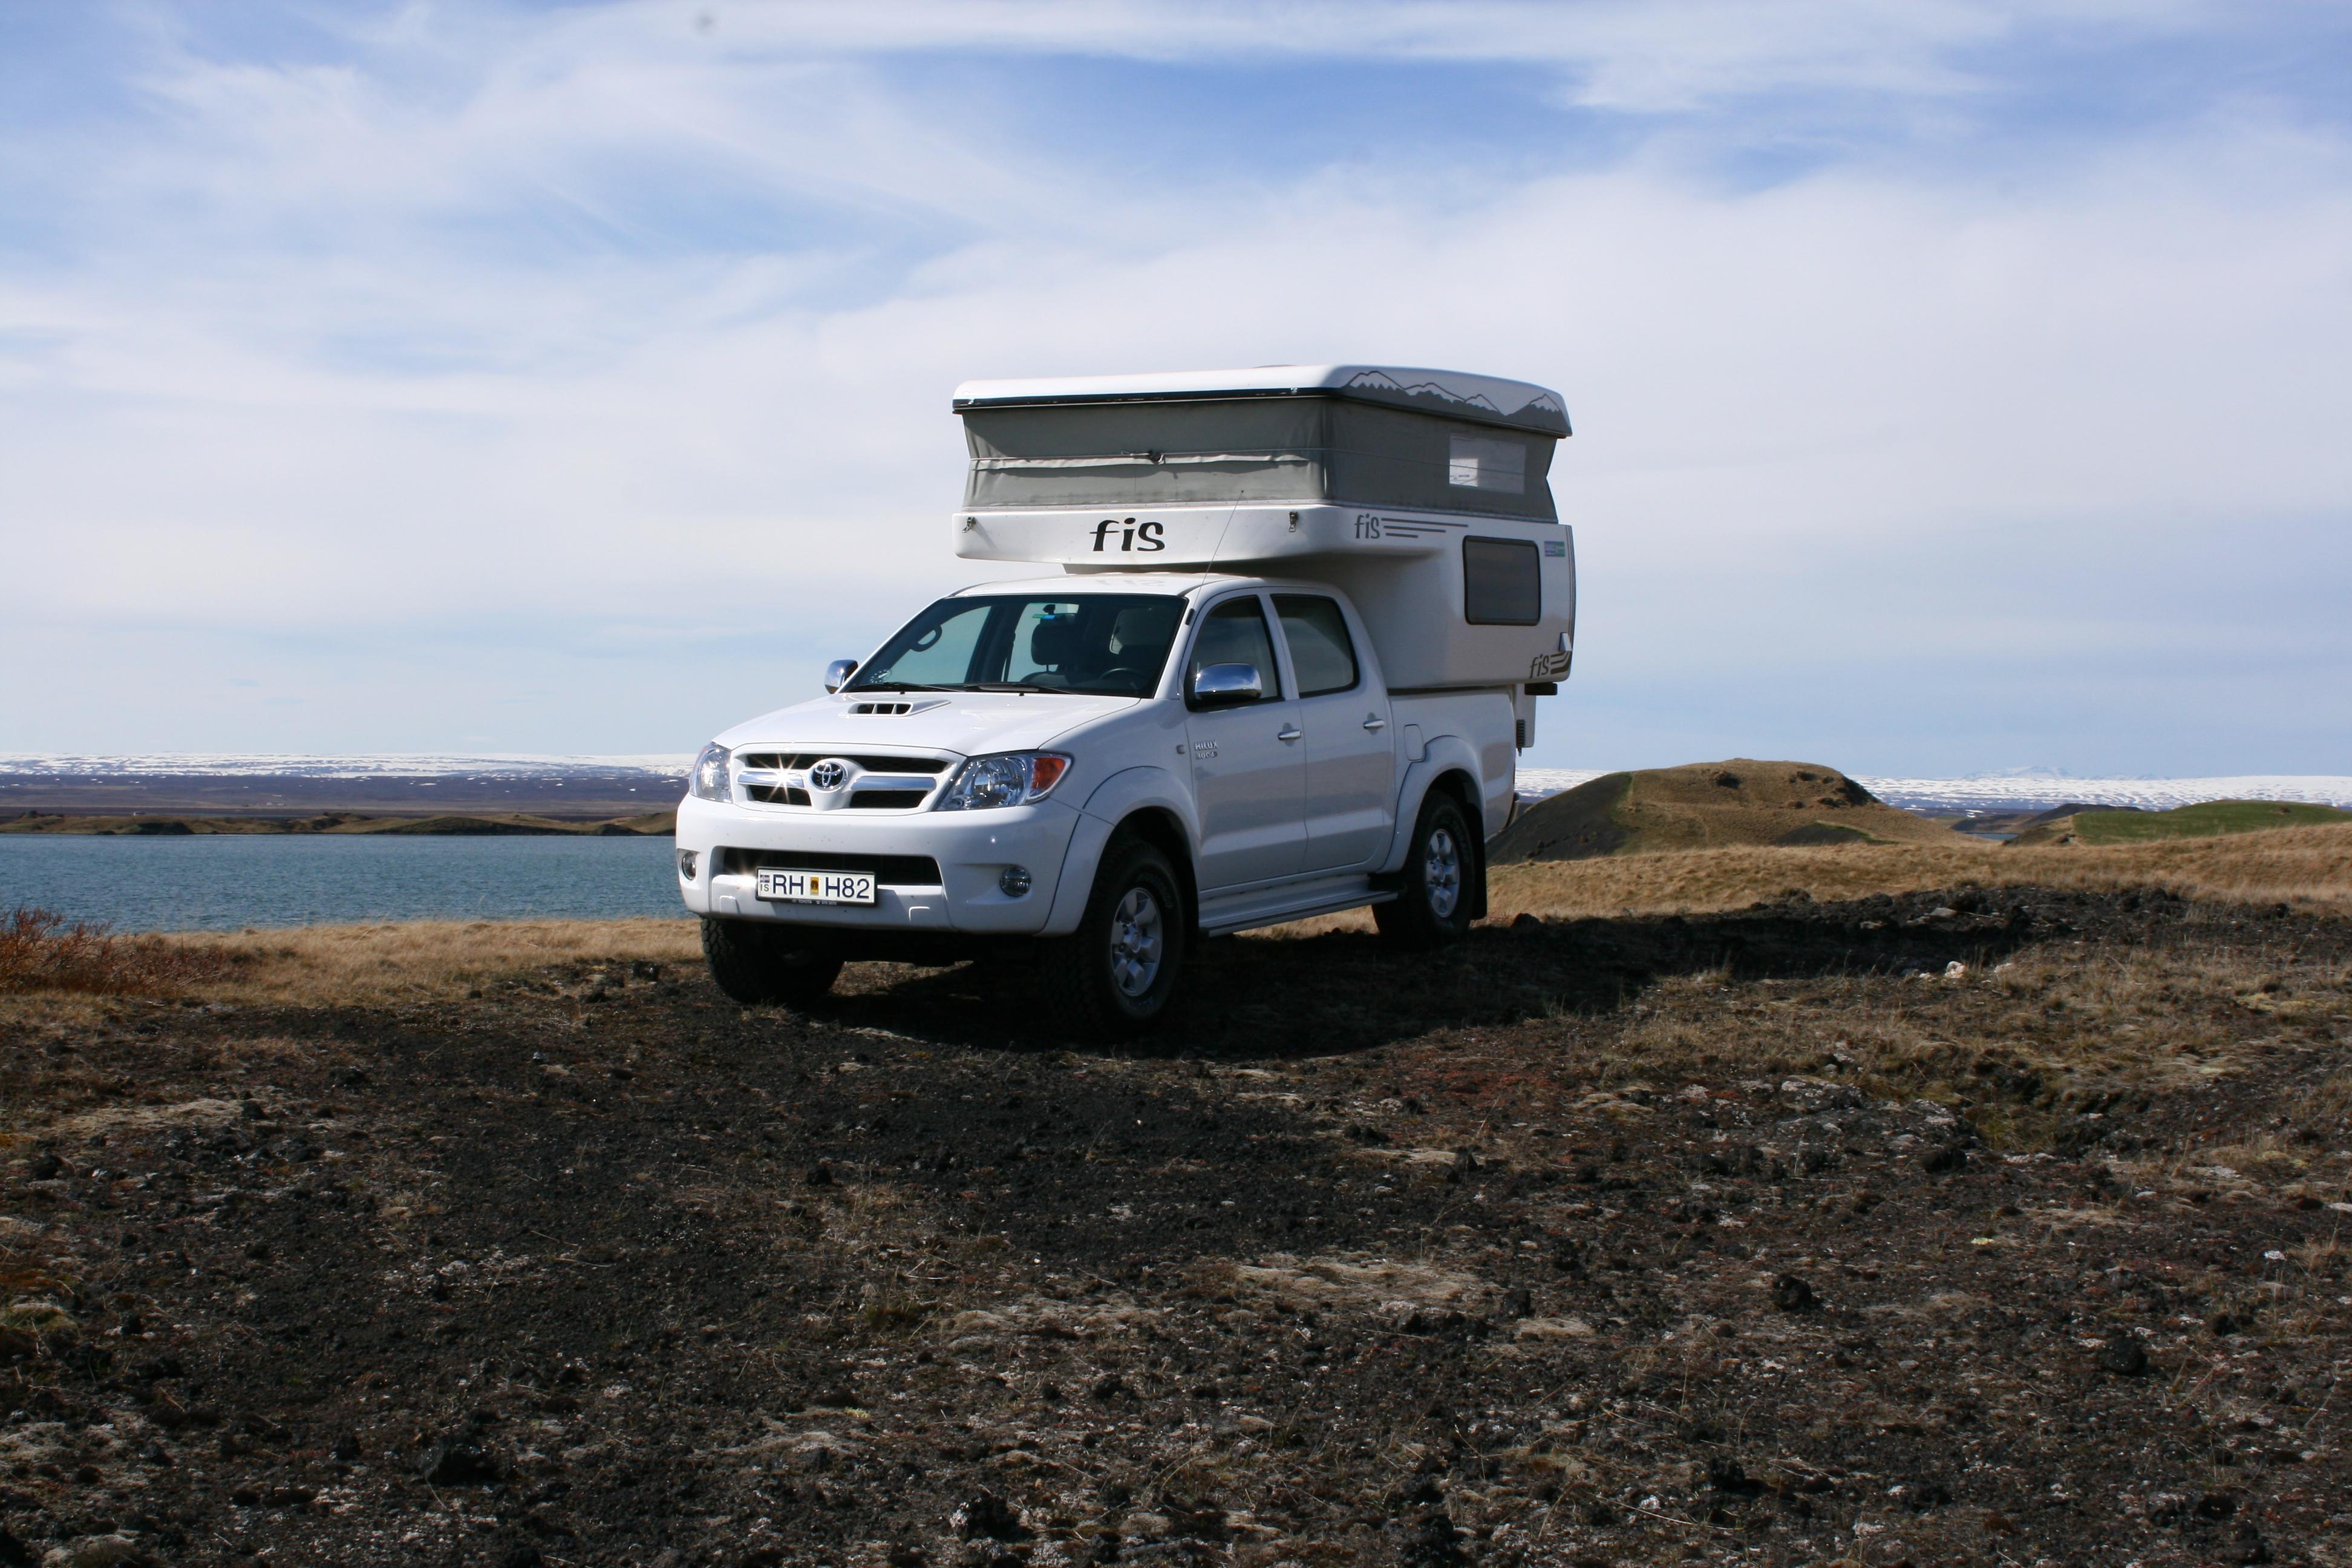 camper iceland camper rental in iceland travel guide to iceland. Black Bedroom Furniture Sets. Home Design Ideas